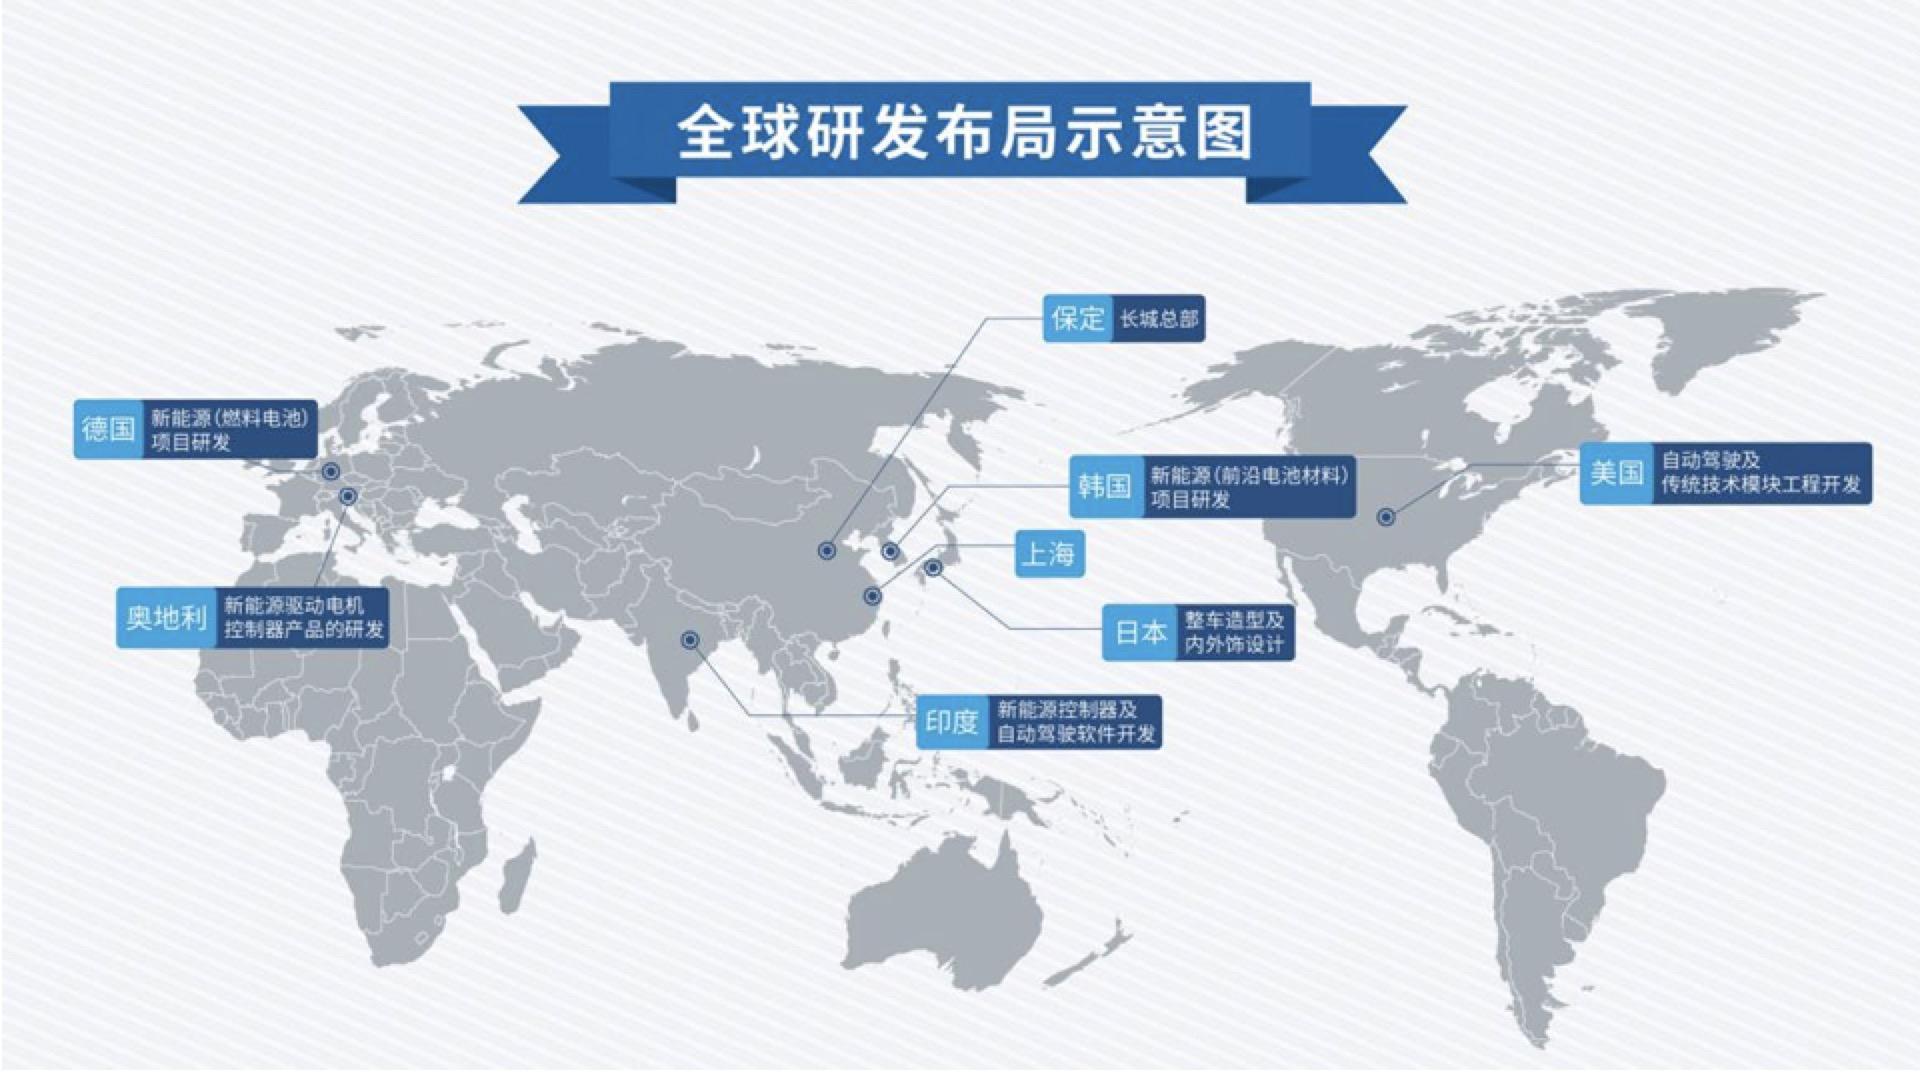 长城全球研发布局示意图